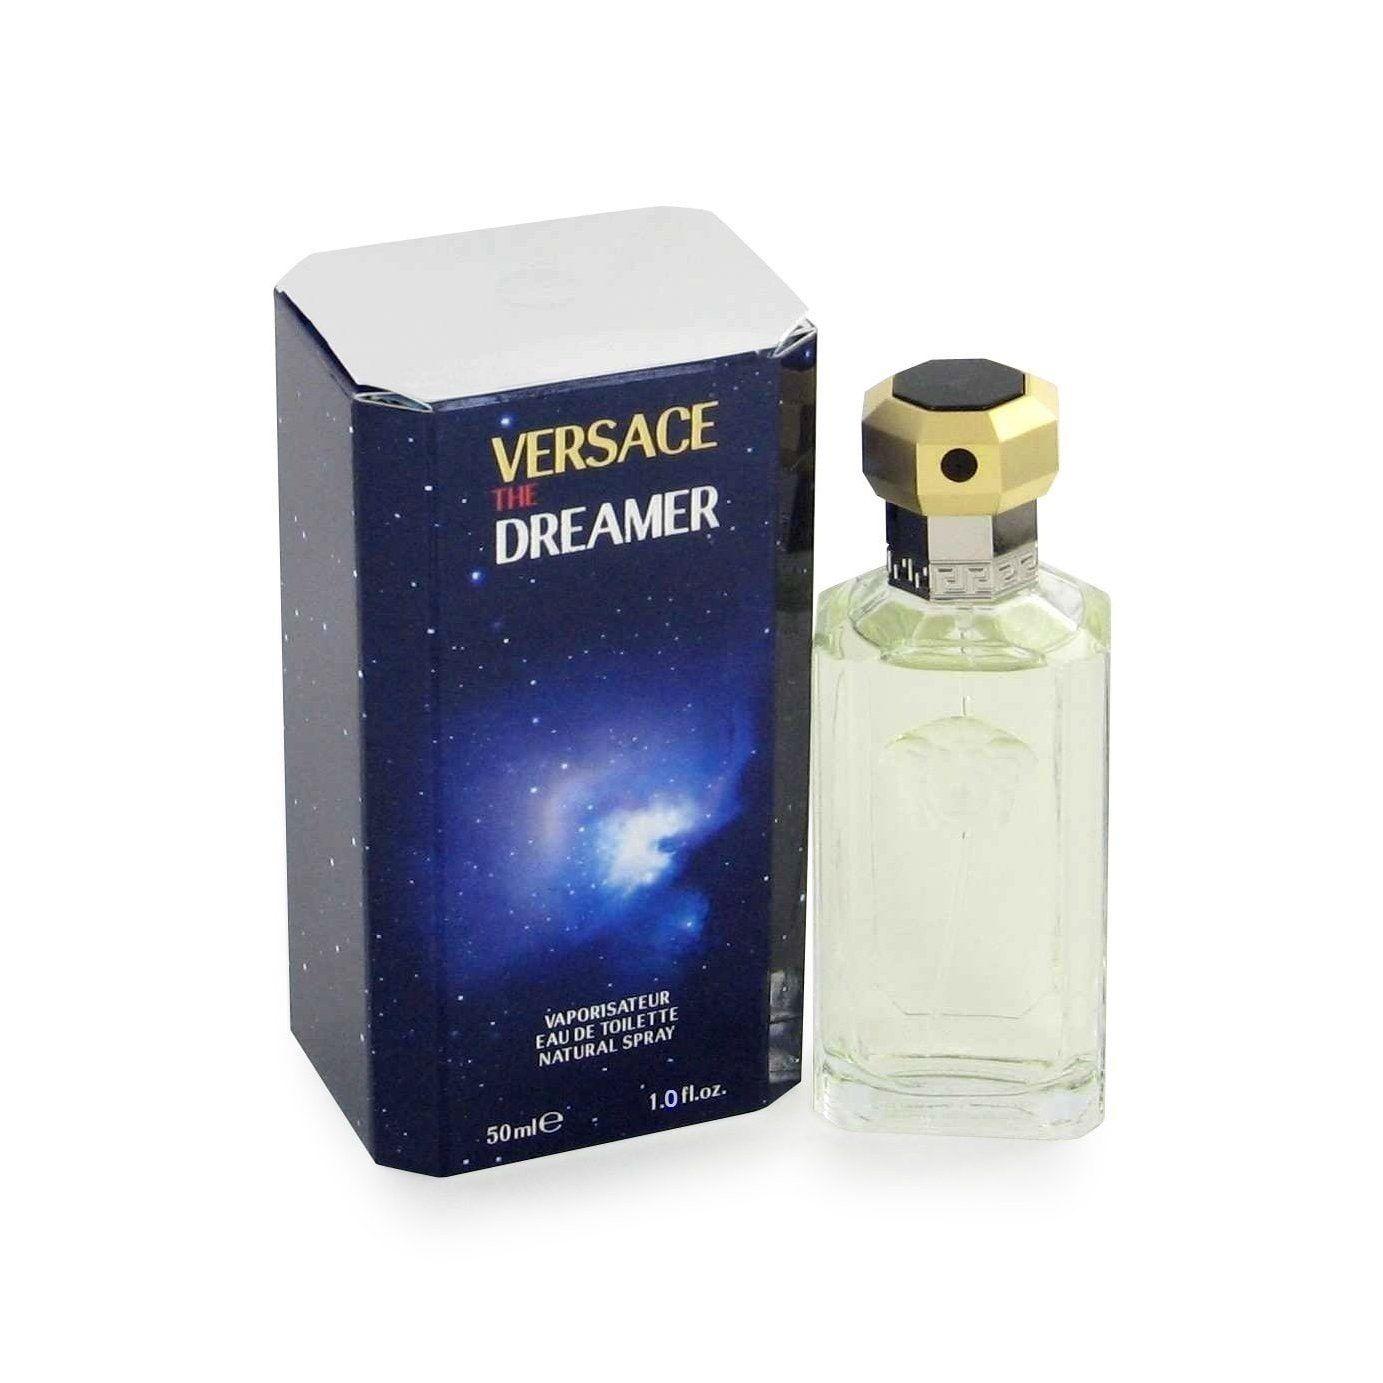 Versace dreamer menus ounce eau de toilette spray by versace eau